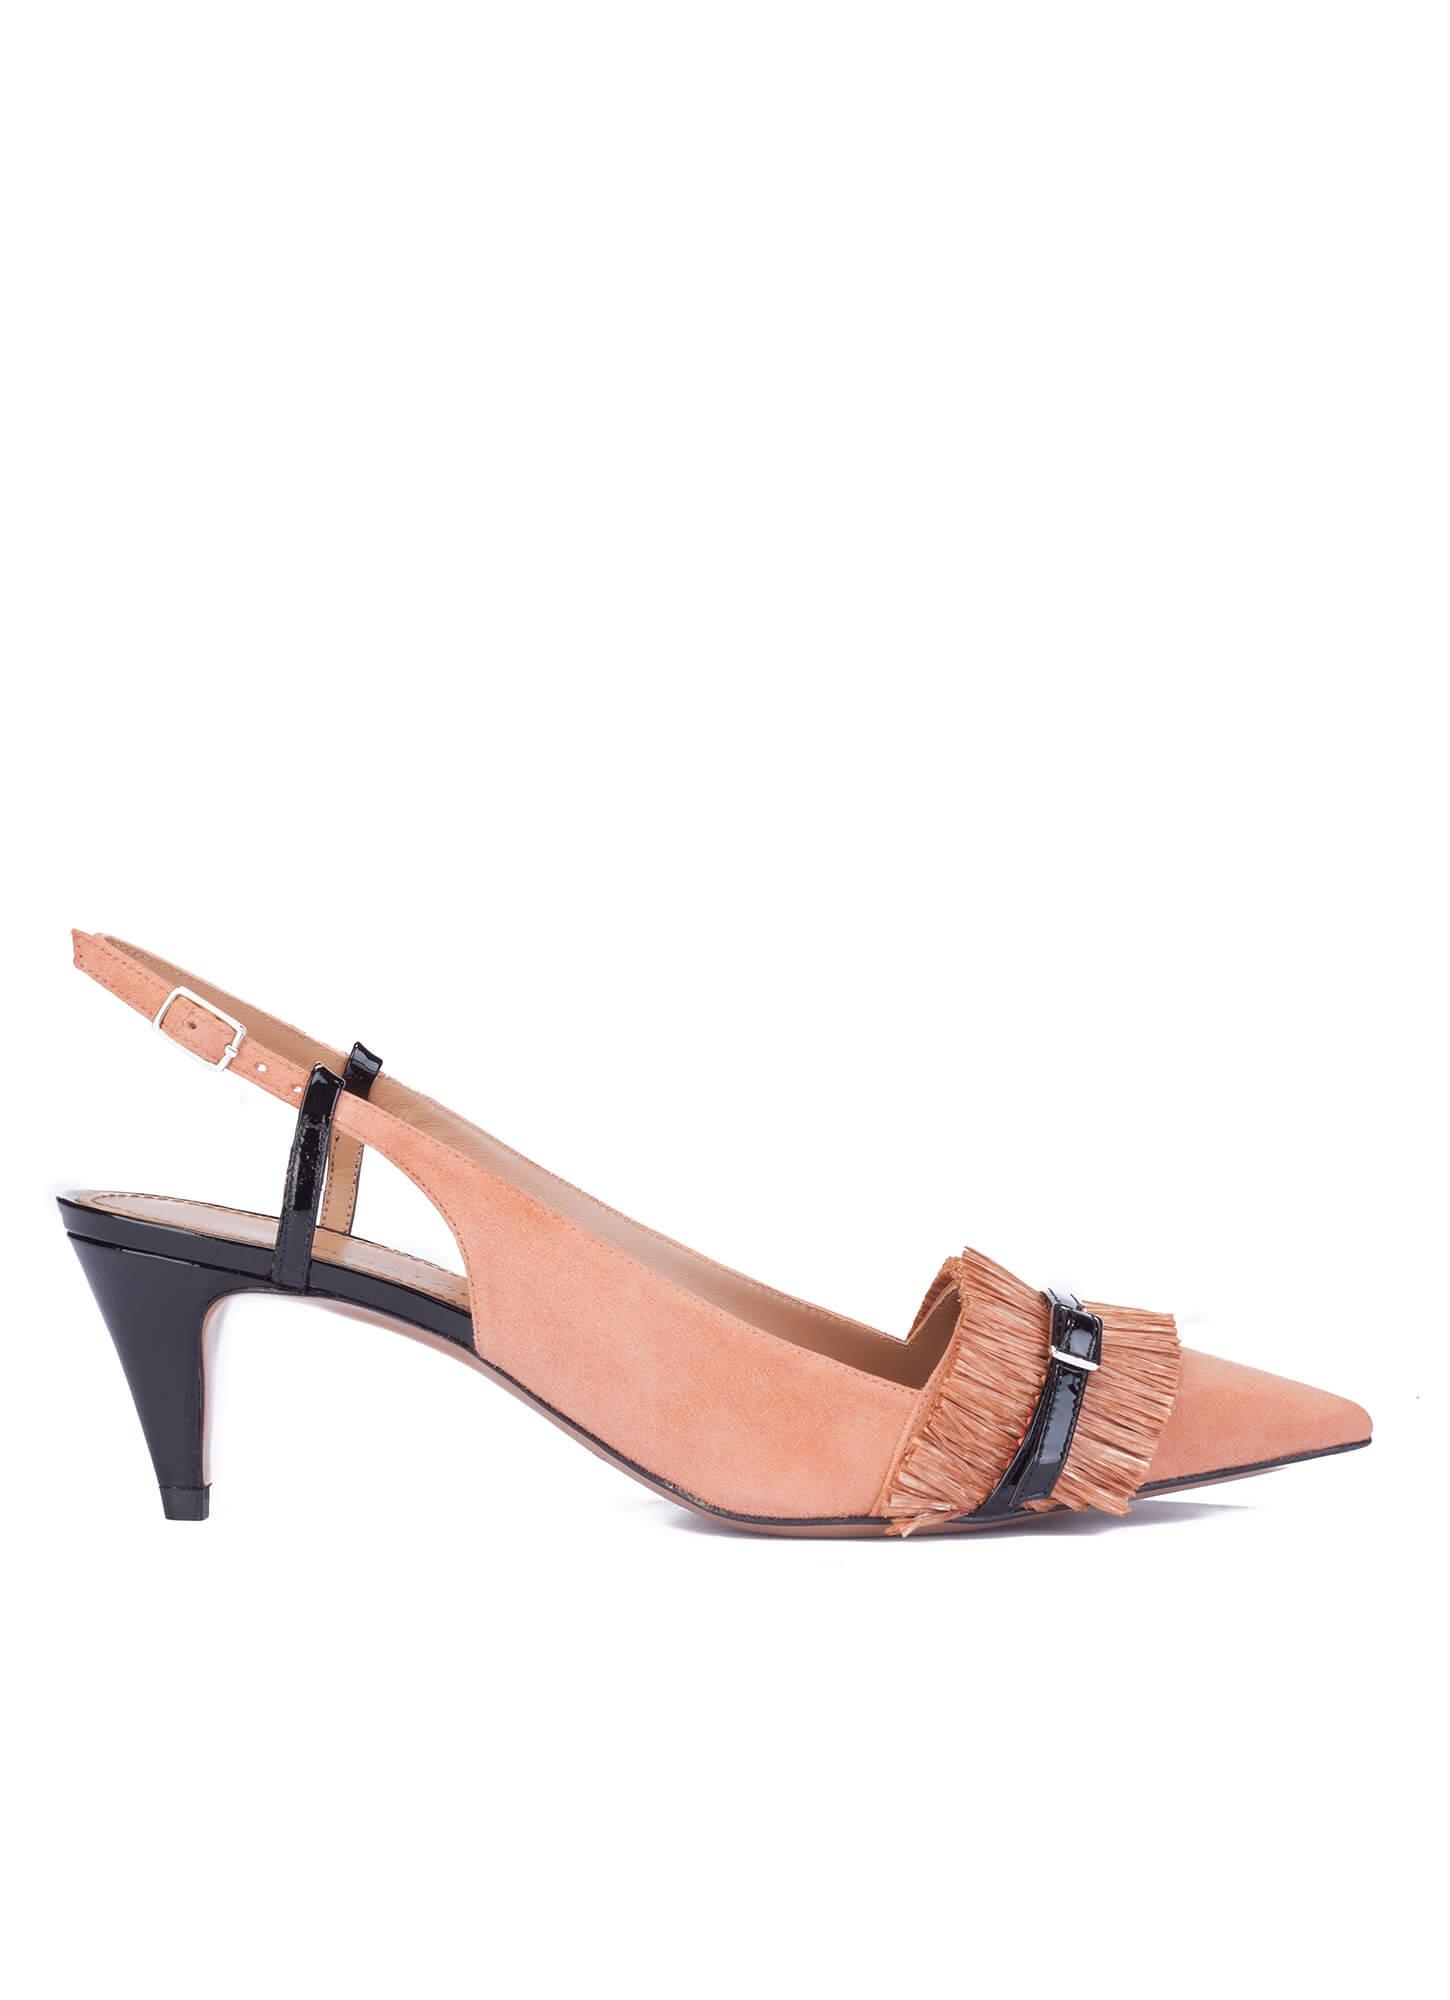 Zapatos De Salon Color Rosa Palo - Varios Zapatos